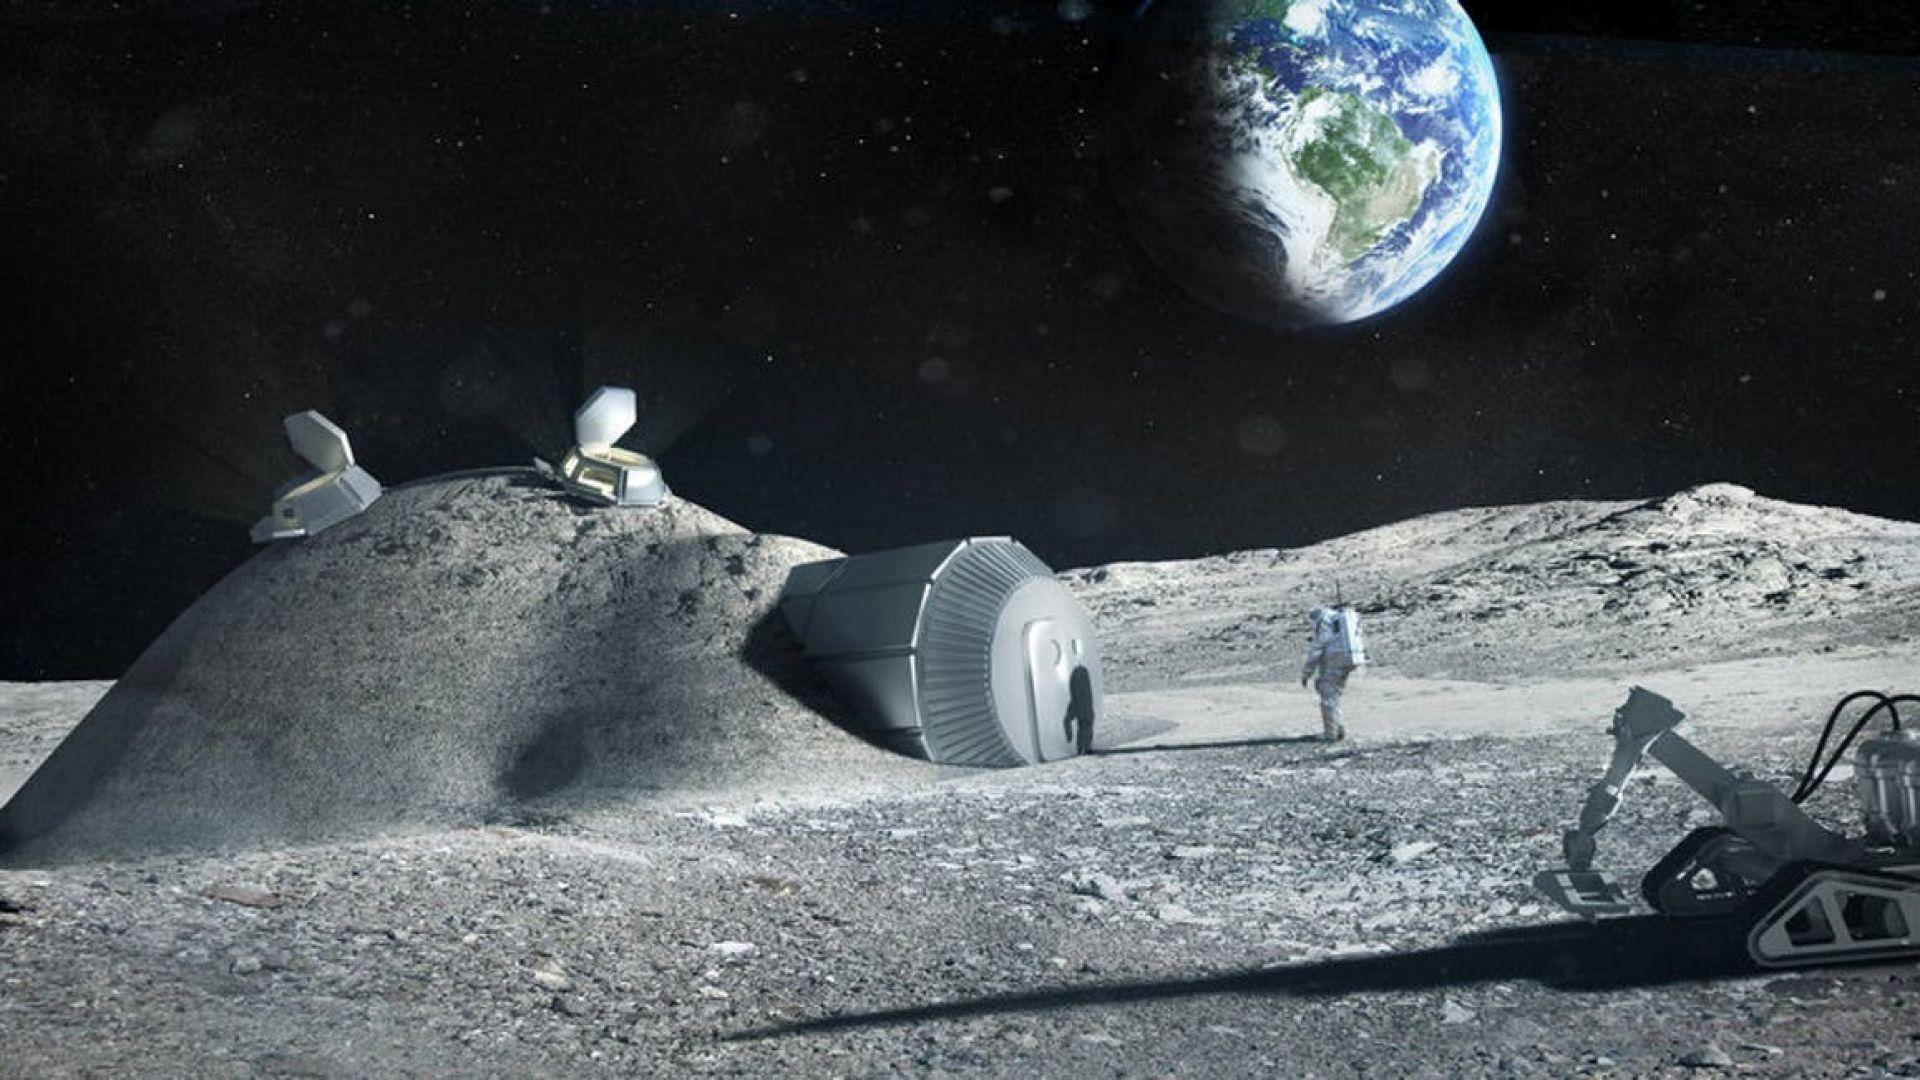 Русия може да построи първата база на лунната повърхност през 2030 г.